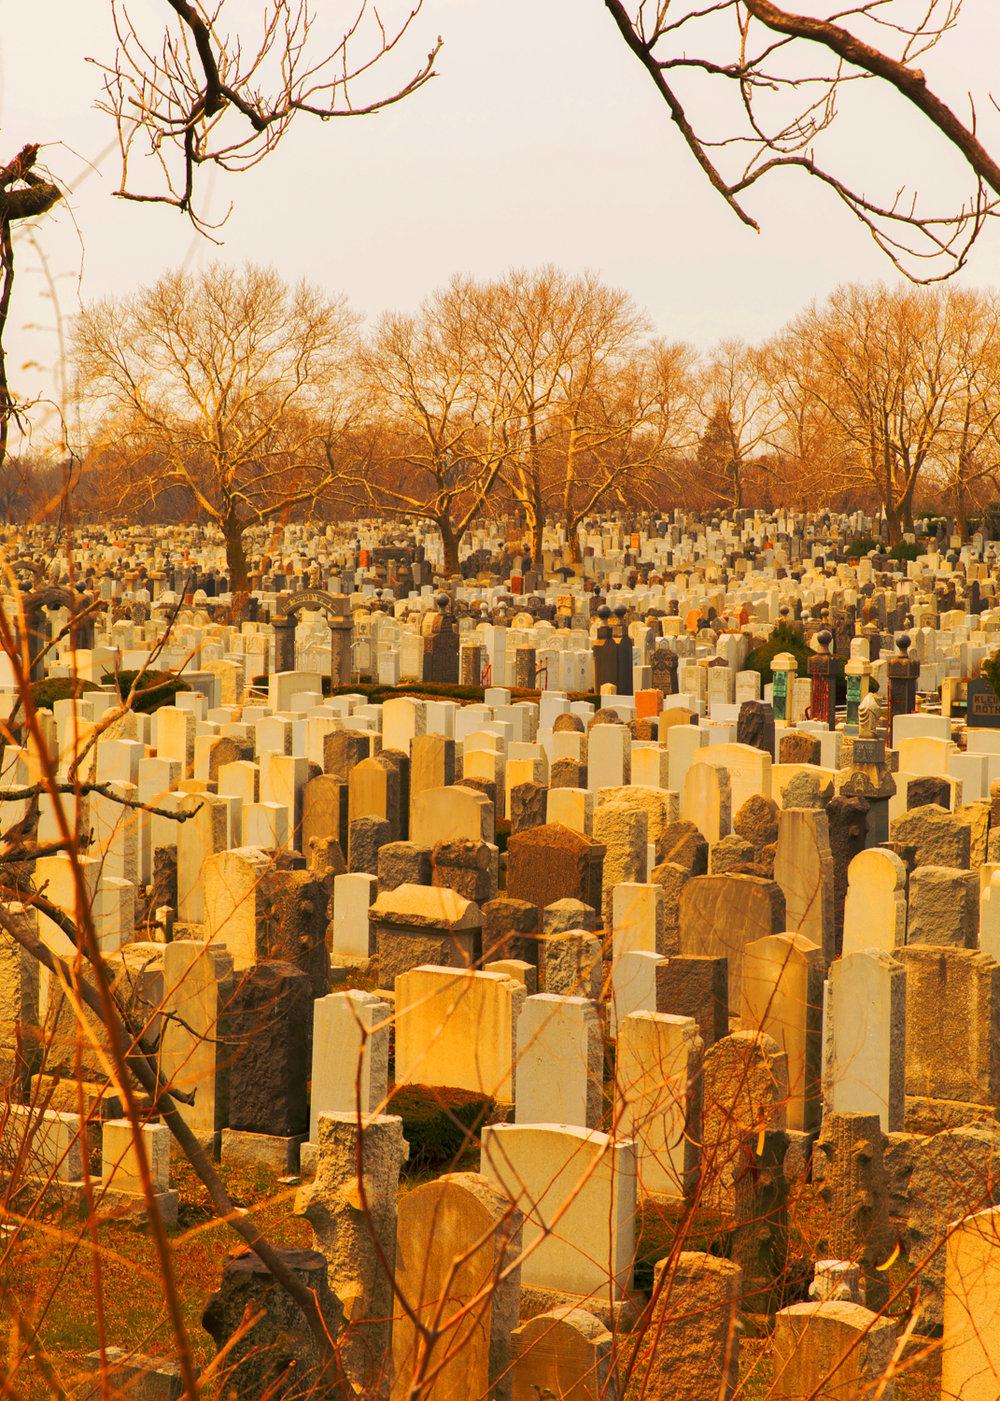 GraveyardBusy_10in.jpg